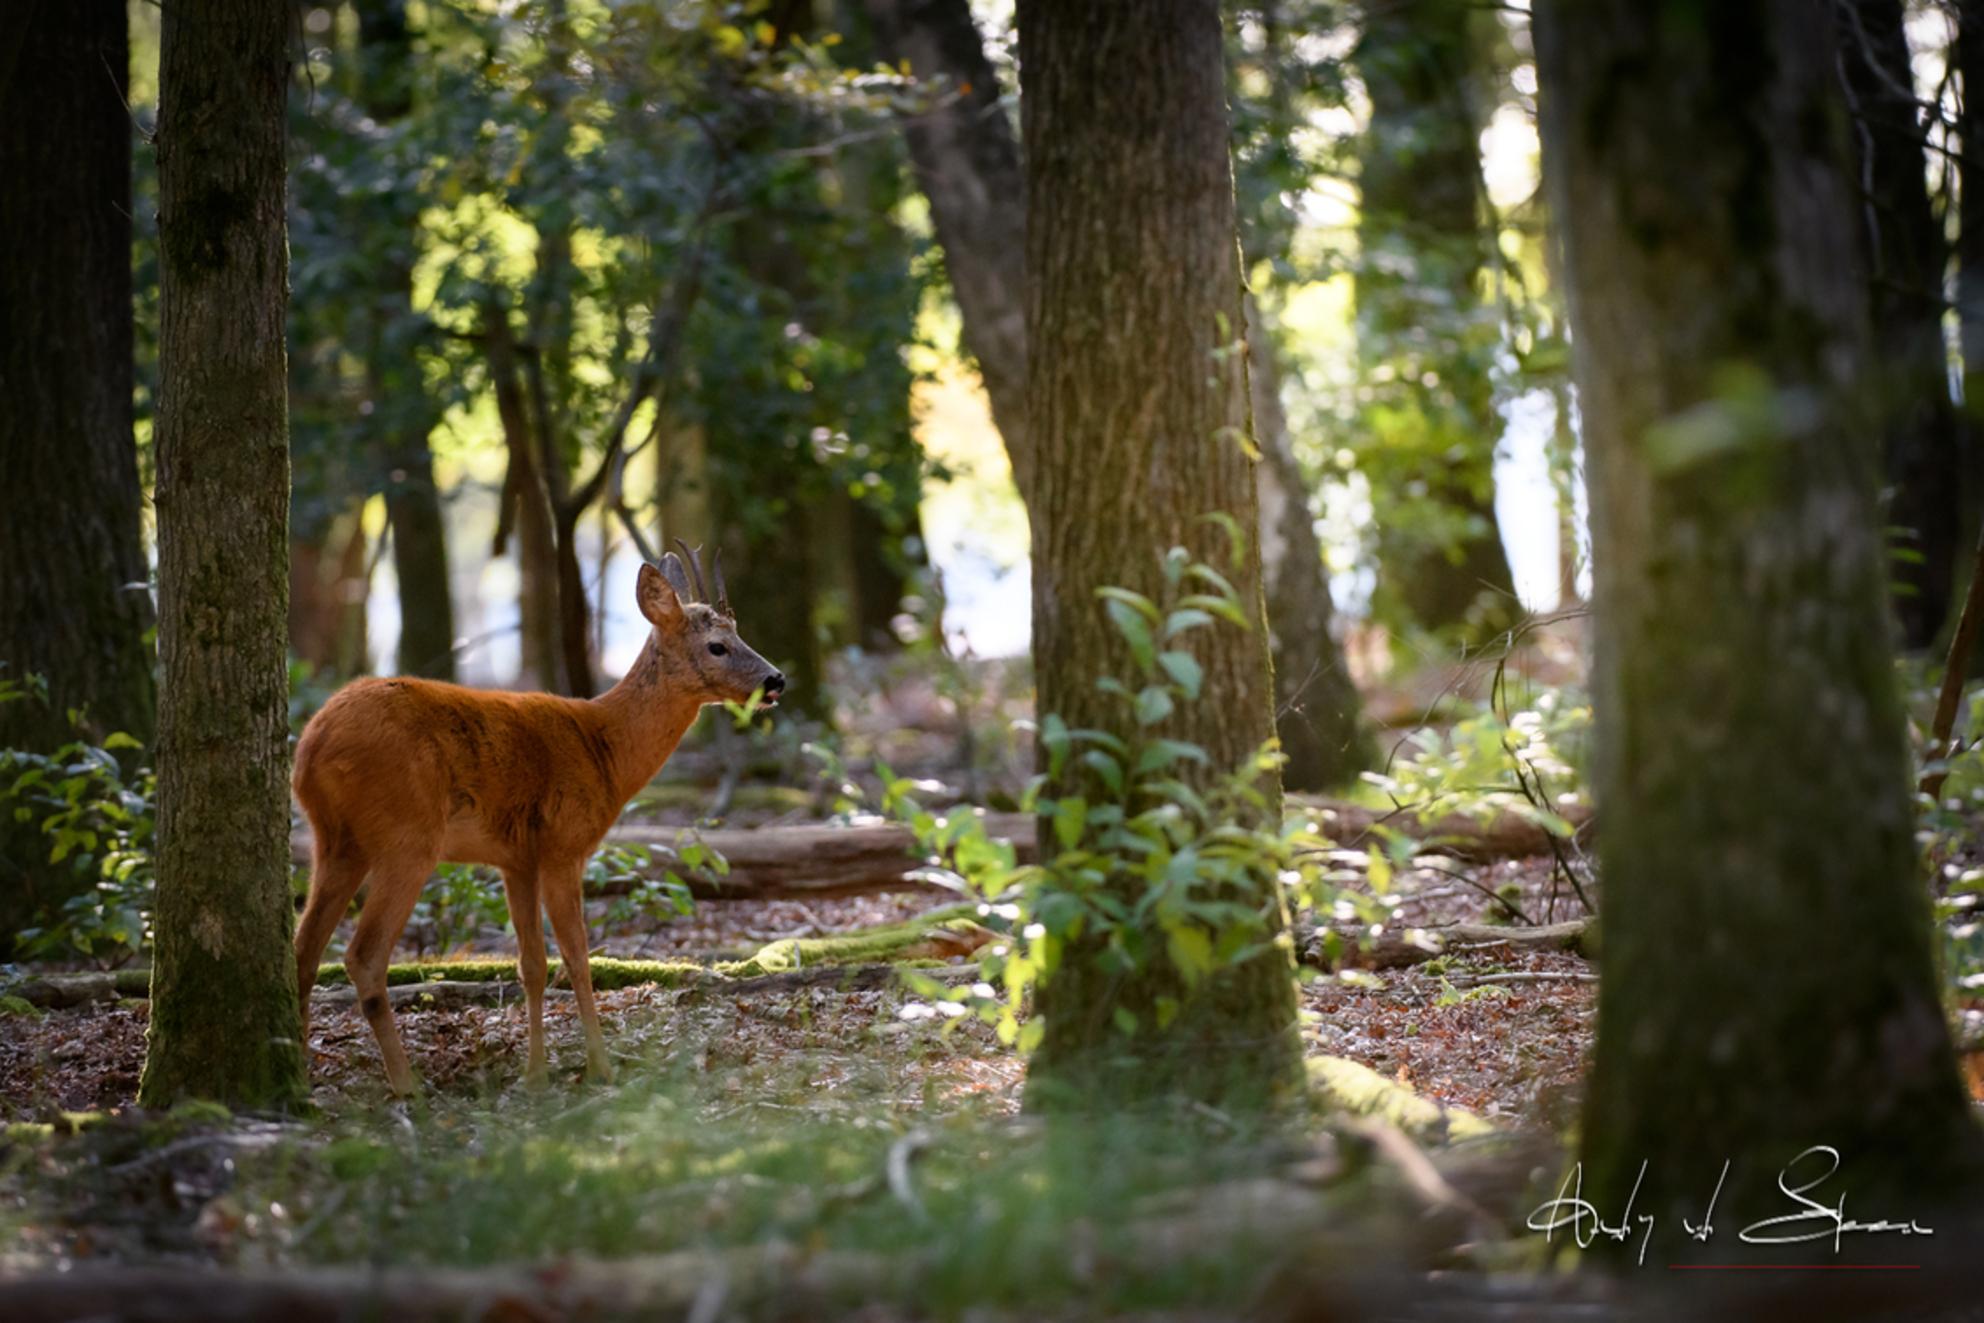 ree - - - foto door AndyvdSteen op 23-09-2020 - deze foto bevat: natuur, ree, bos, reeen, reetjes, wildlife, reetje, westerheide